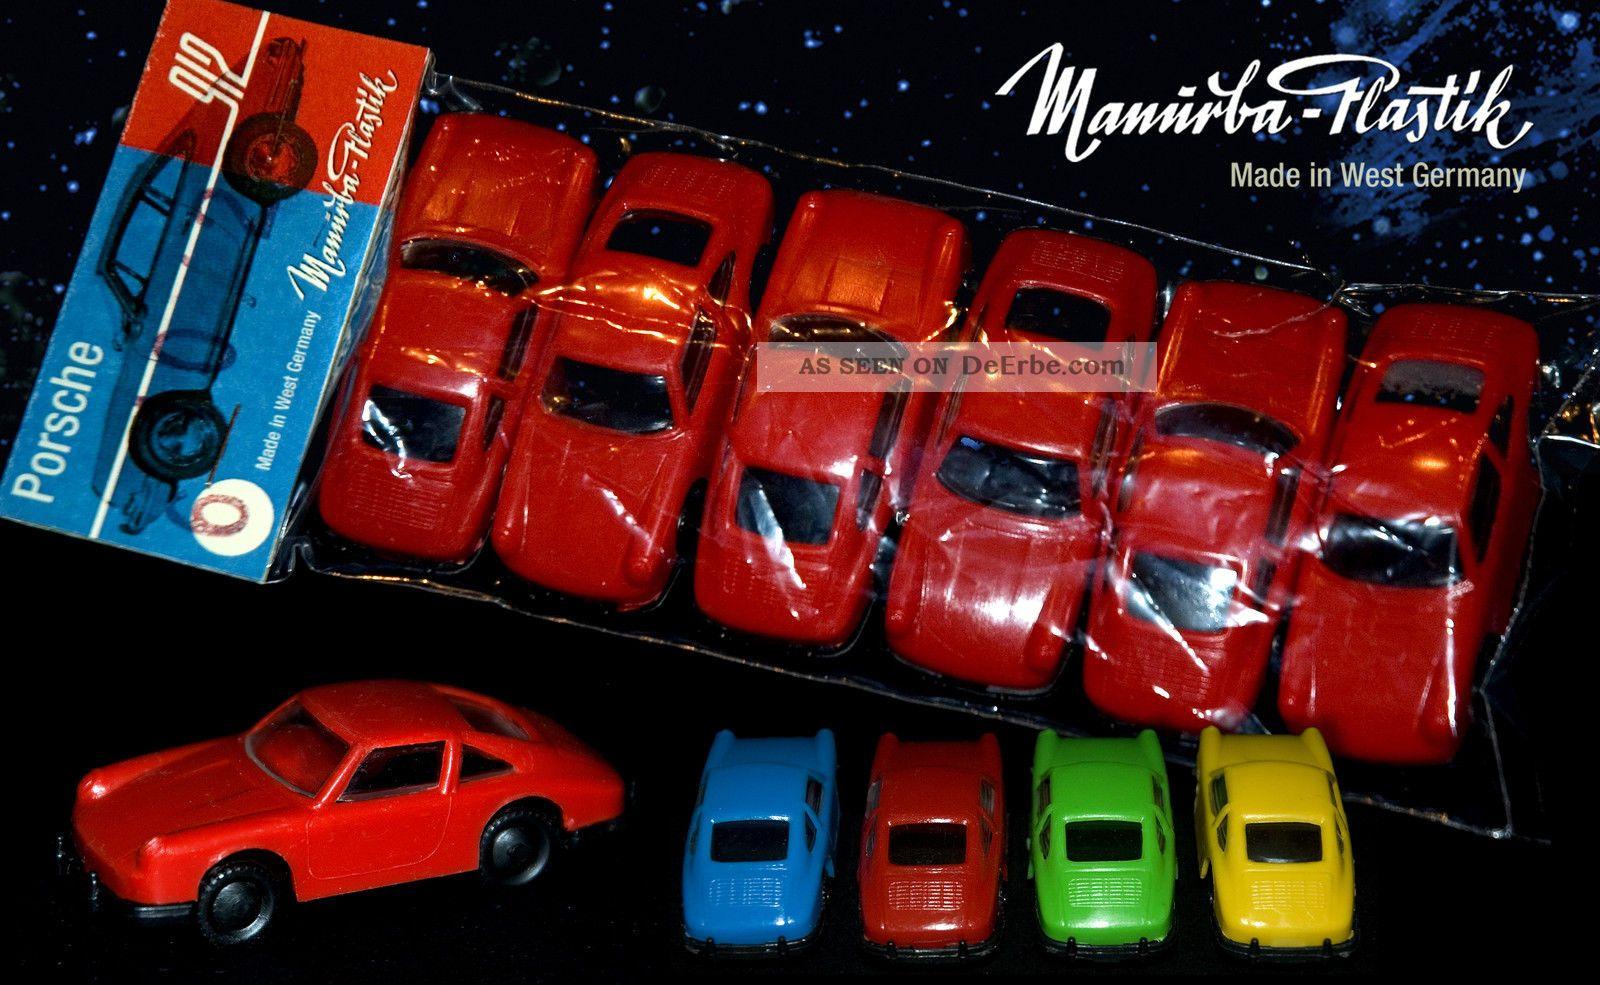 6 Manurba Porsche 911 / 912 In Rot Plastik Autos Modell Heinerle WundertÜte Fahrzeuge Bild